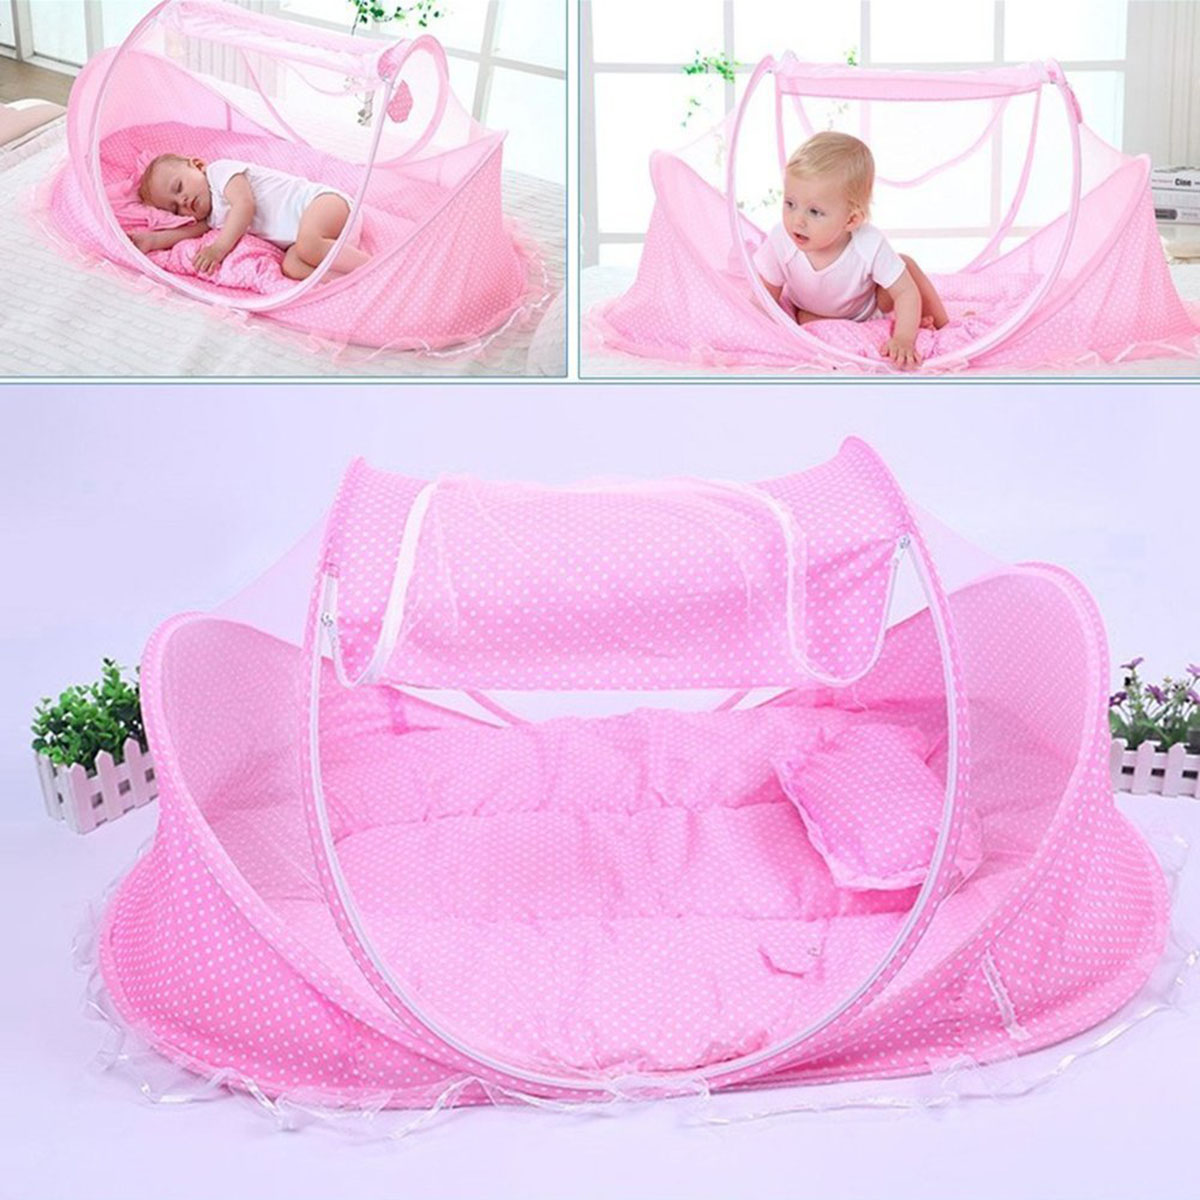 Bebé 4 Uds. Cama de bebé portátil cuna plegable mosquitera de bebé mosquitera verano niños mosquitera colchón de mosquitera para bebé